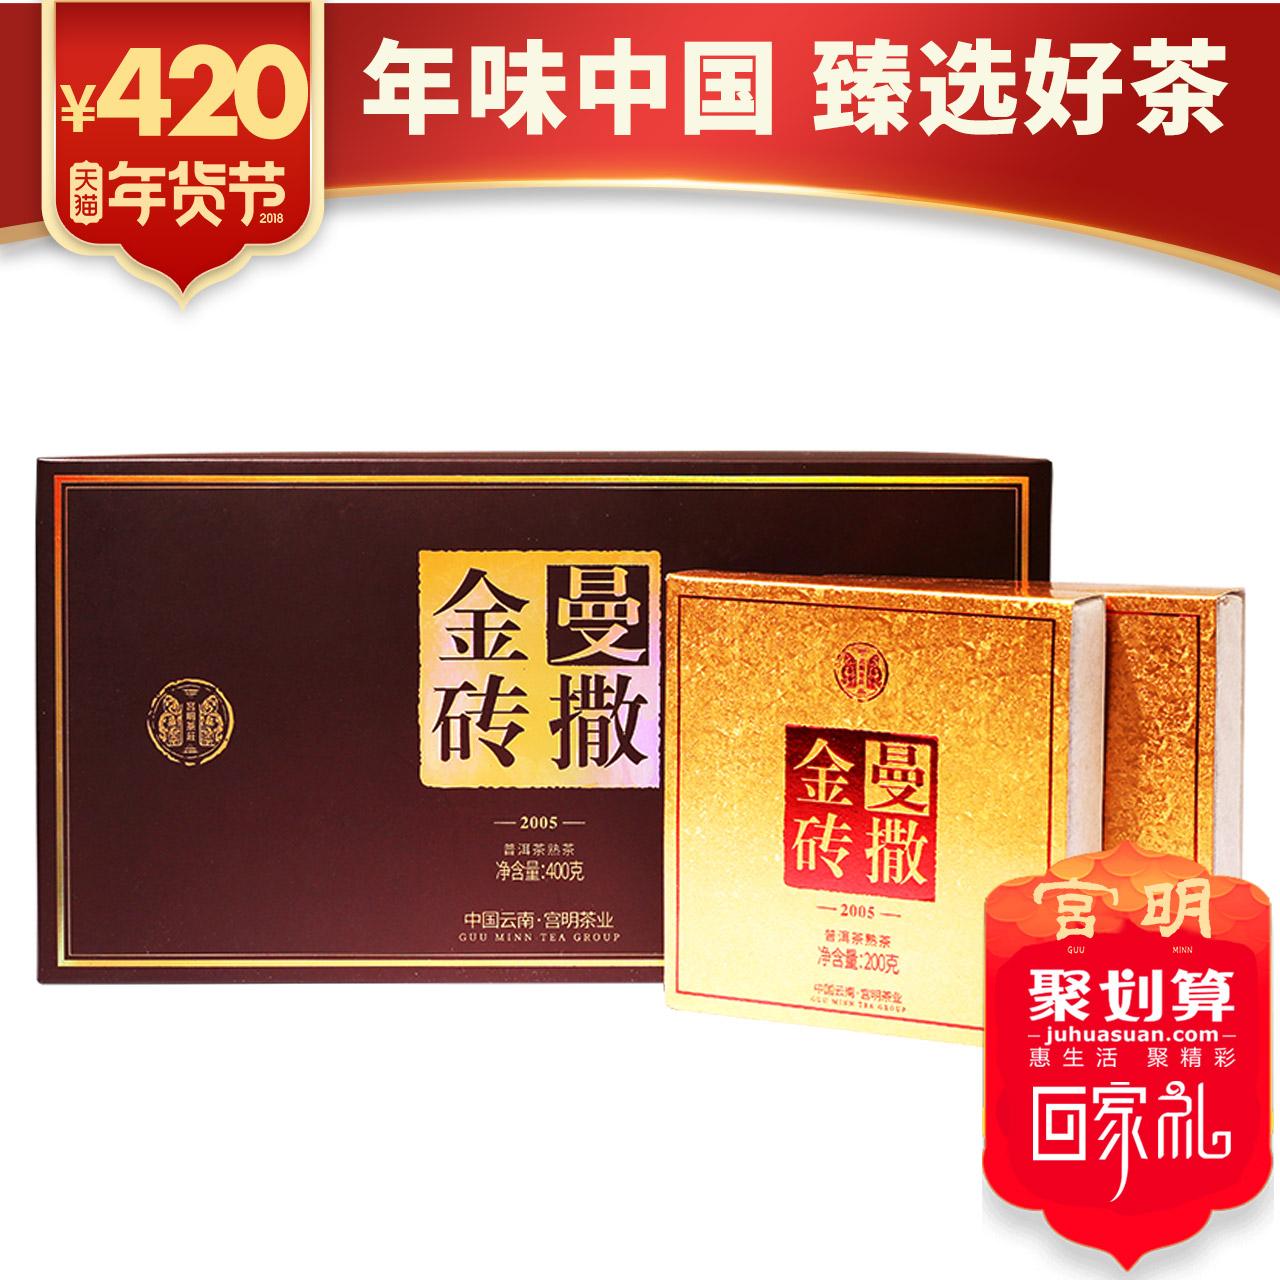 宫明茶叶 2005年曼撒古树茶砖 乌金醇 云南普洱茶熟茶200克*2片